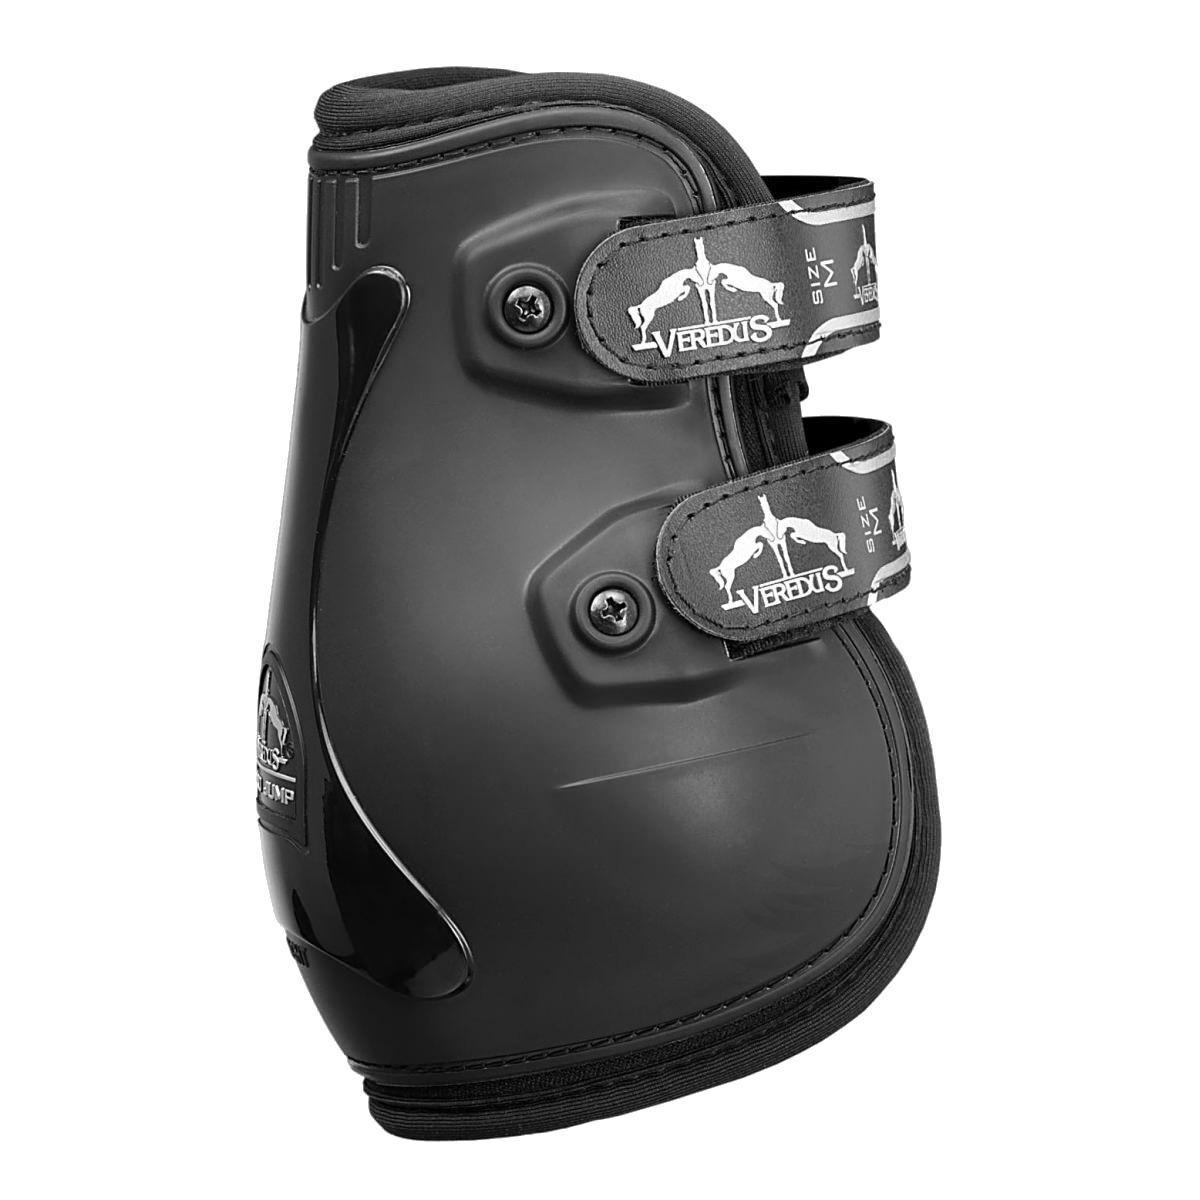 VeROTus Pro Jump Akt. Knöchelschutz höchste Ansprüche Polyurethan schwarz+braun